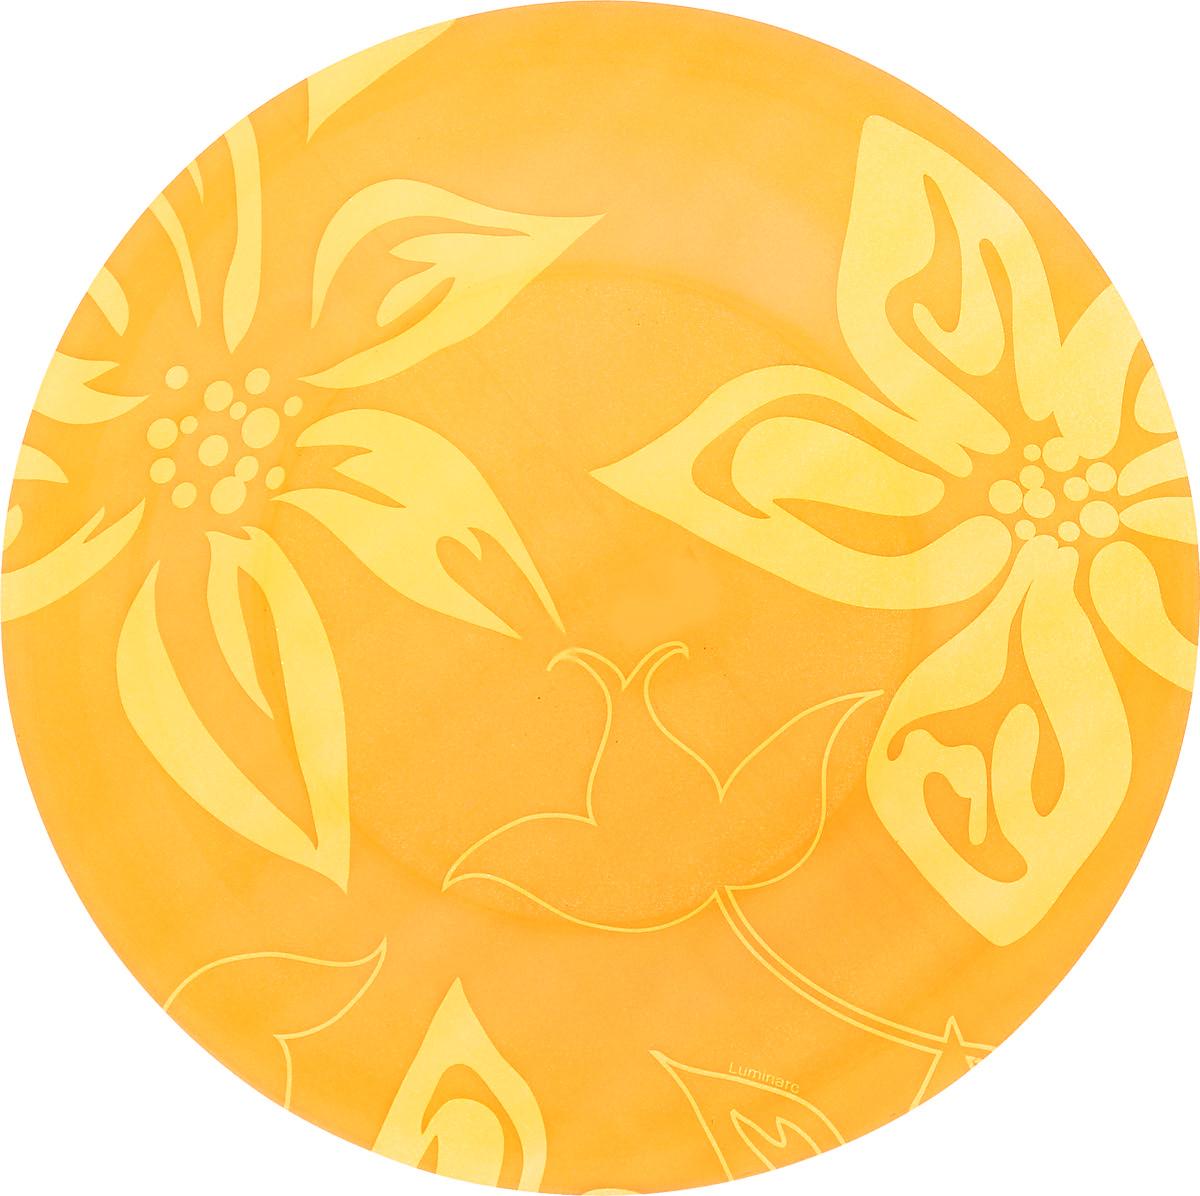 Тарелка десертная Luminarc Lily Flower, диаметр 19,5 см54 009312Десертная тарелка Luminarc Lily Flower, изготовленная из ударопрочного стекла, декорирована изображением цветов. Такая тарелка прекрасно подходит как для торжественных случаев, так и для повседневного использования. Идеальна для подачи десертов, пирожных, тортов и многого другого. Она прекрасно оформит стол и станет отличным дополнением к вашей коллекции кухонной посуды. Диаметр тарелки (по верхнему краю): 19,5 см.